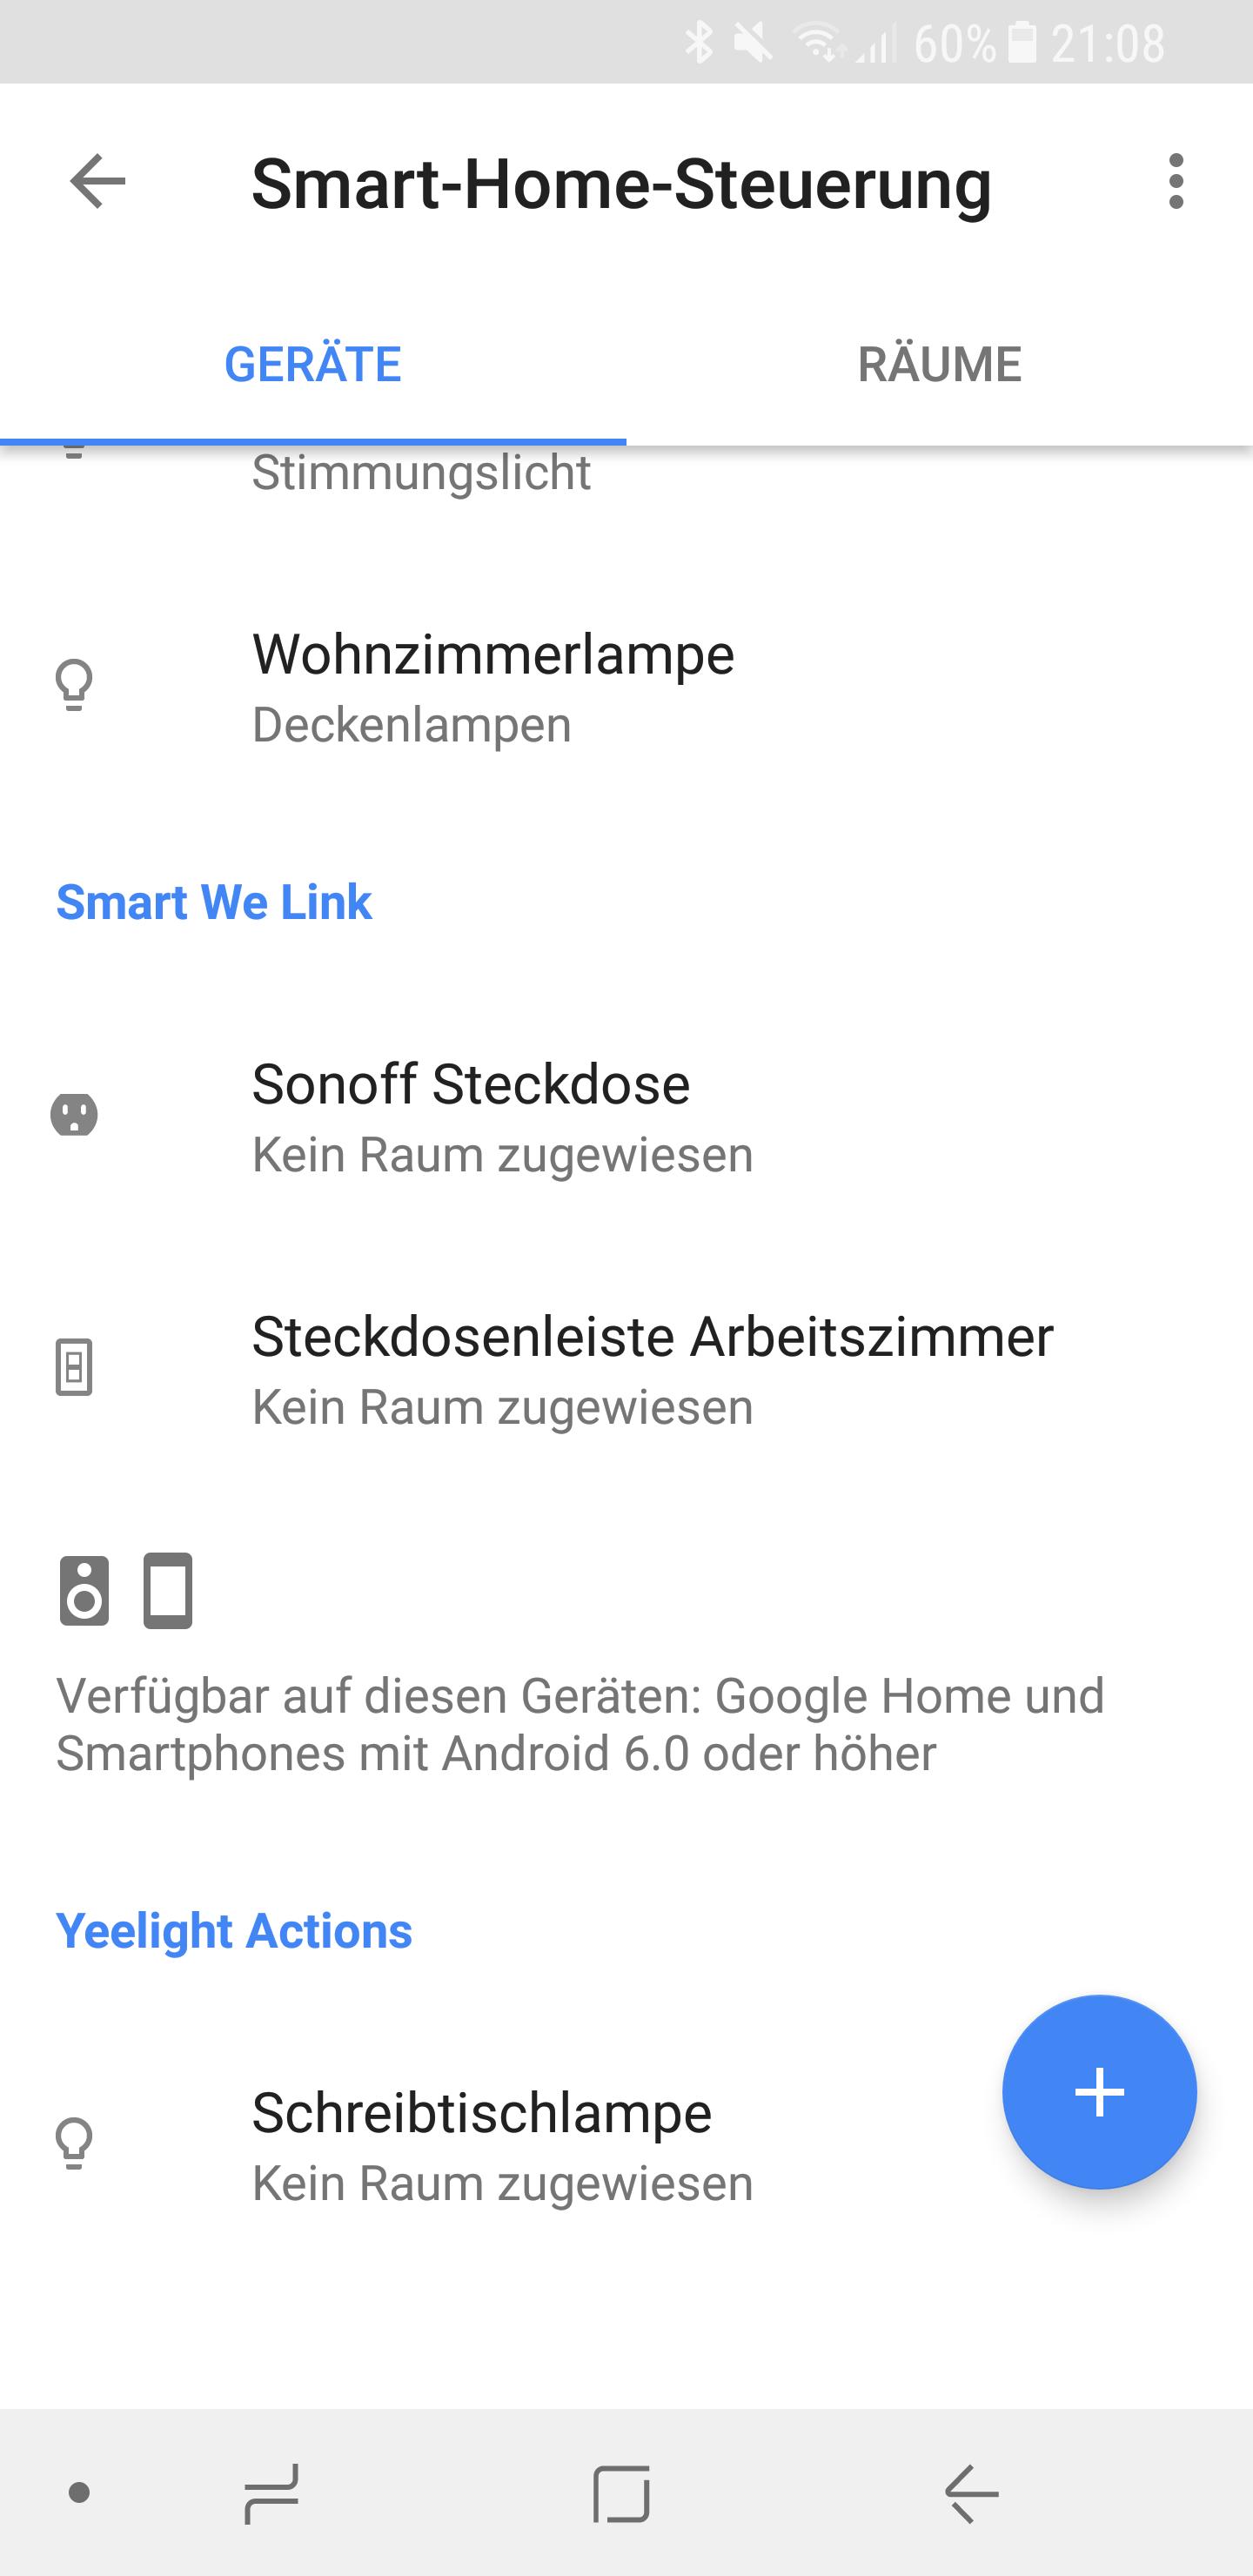 Xiaomi-Yeelight-mit-dem-Google-Home-steuern-12